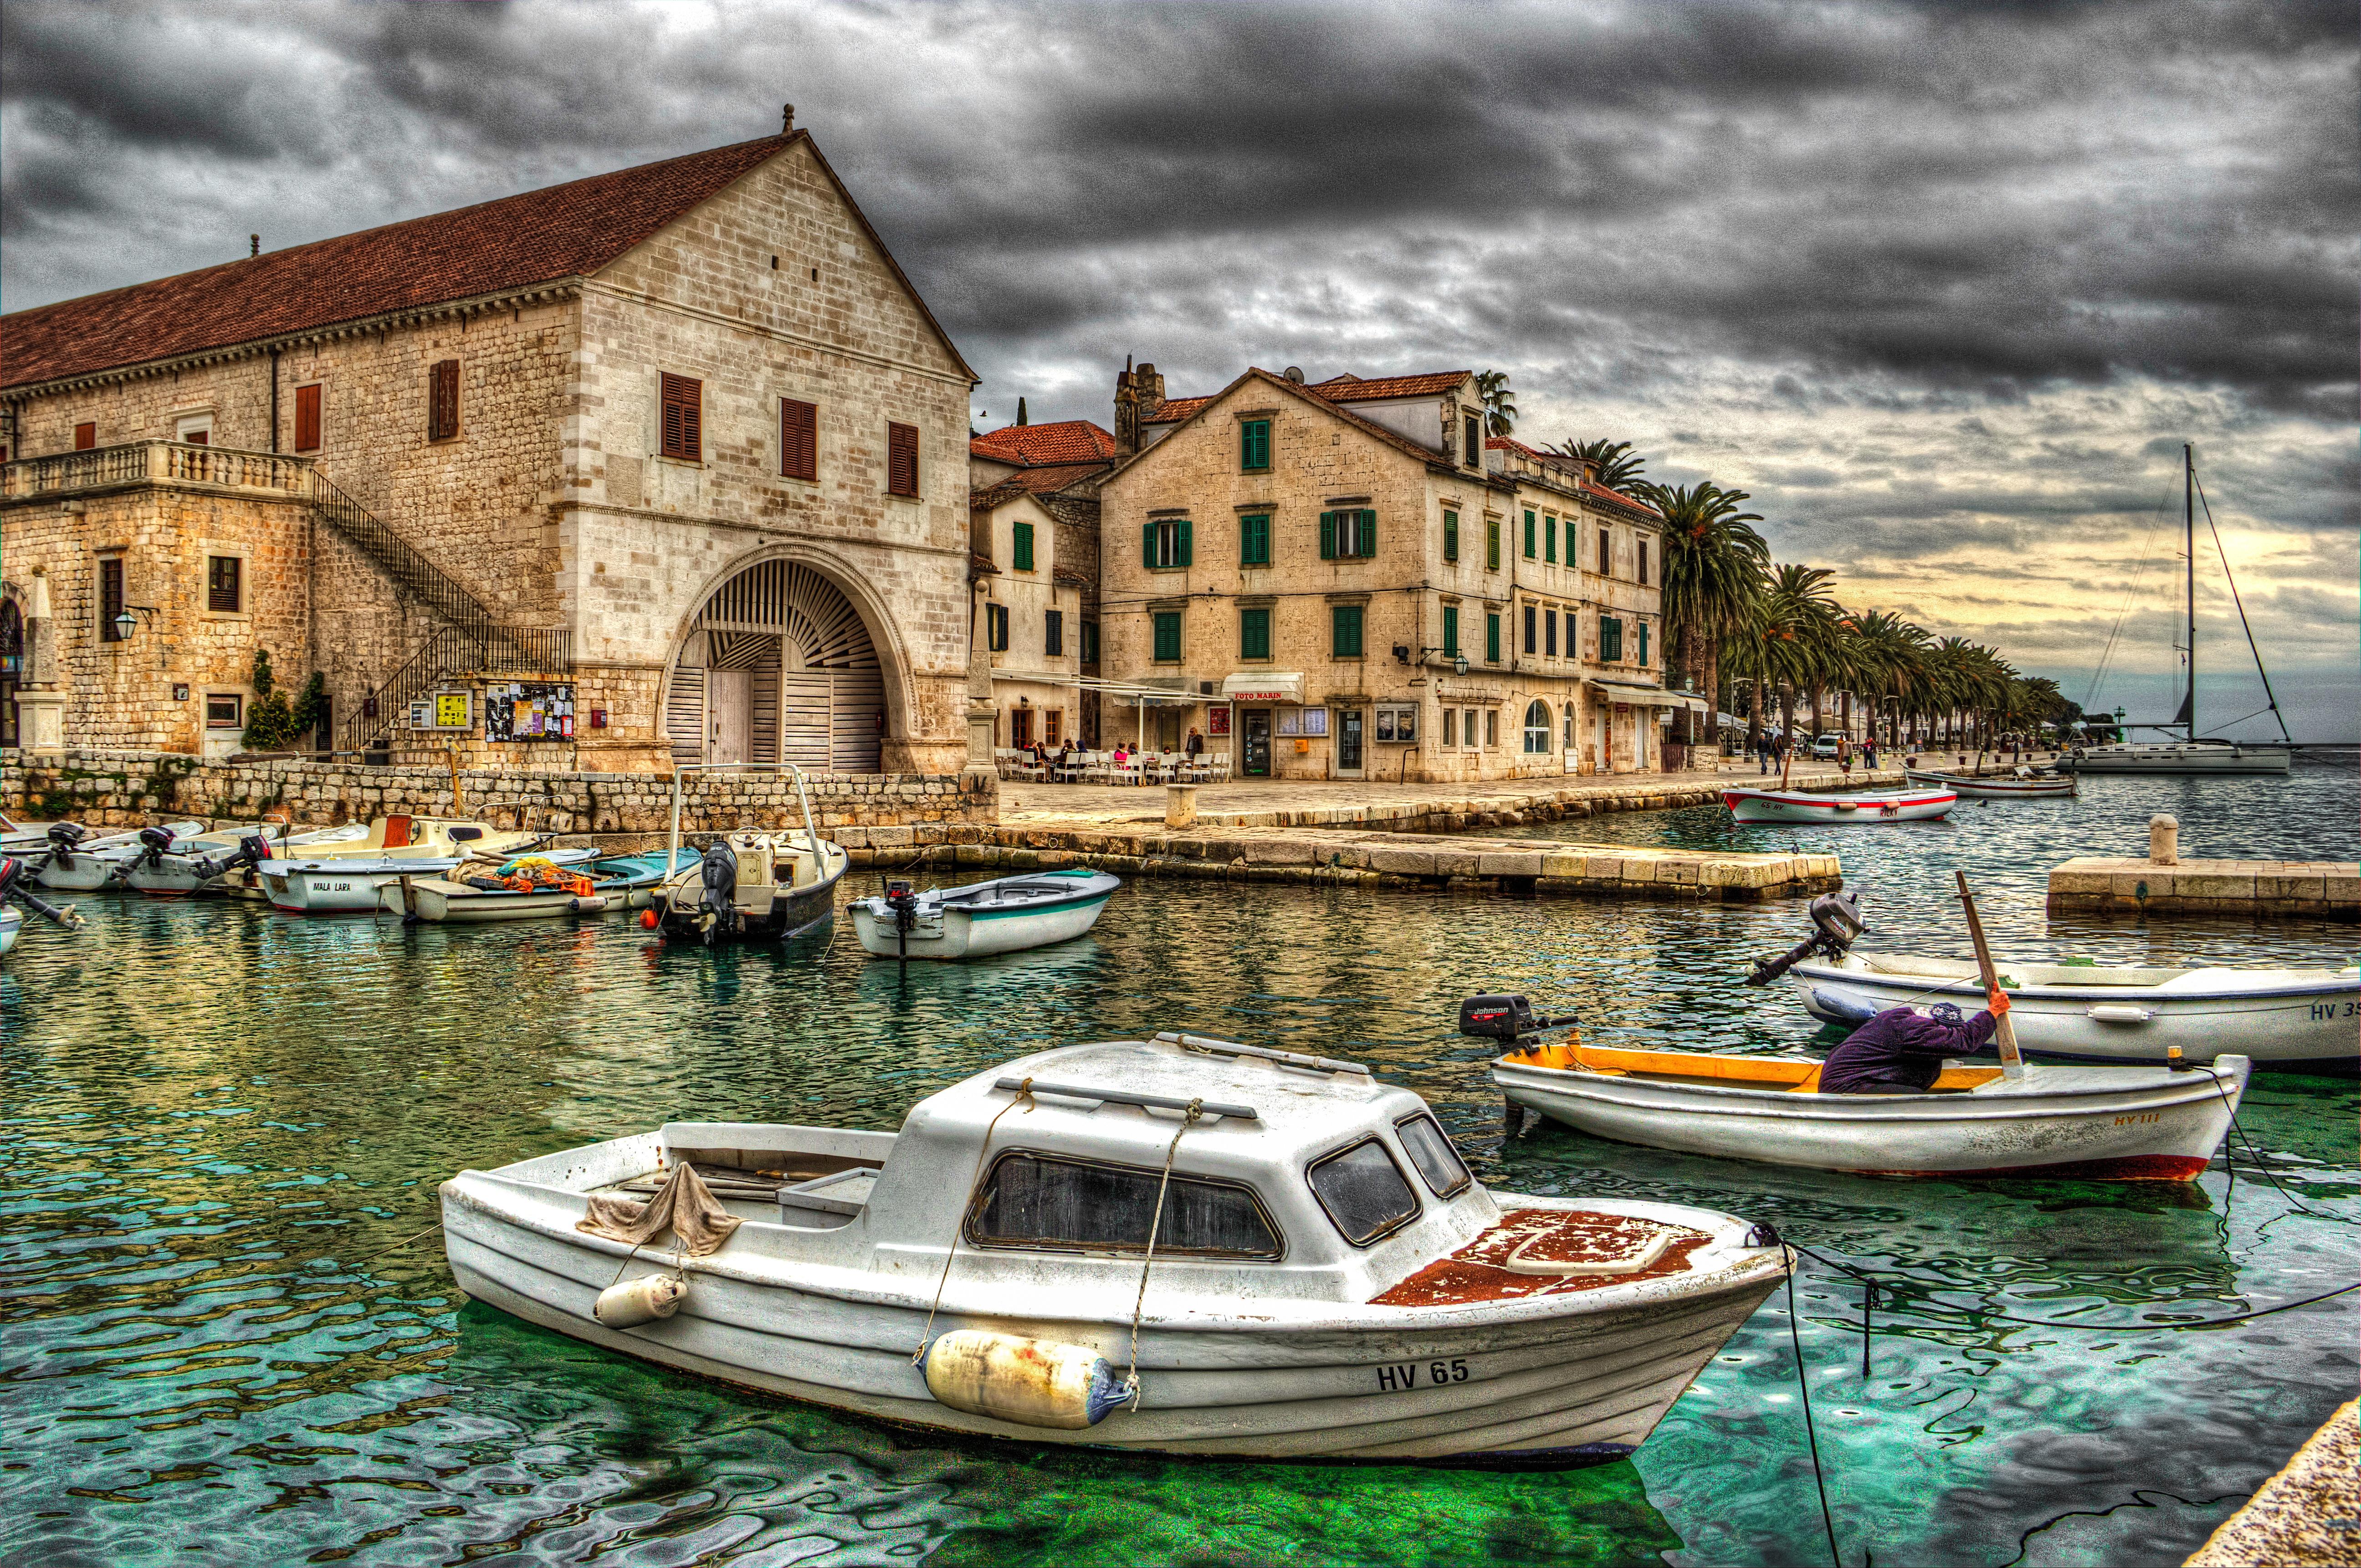 Hintergrundbilder : Boot, alt, Stadt, Wasser, Betrachtung, Himmel ...